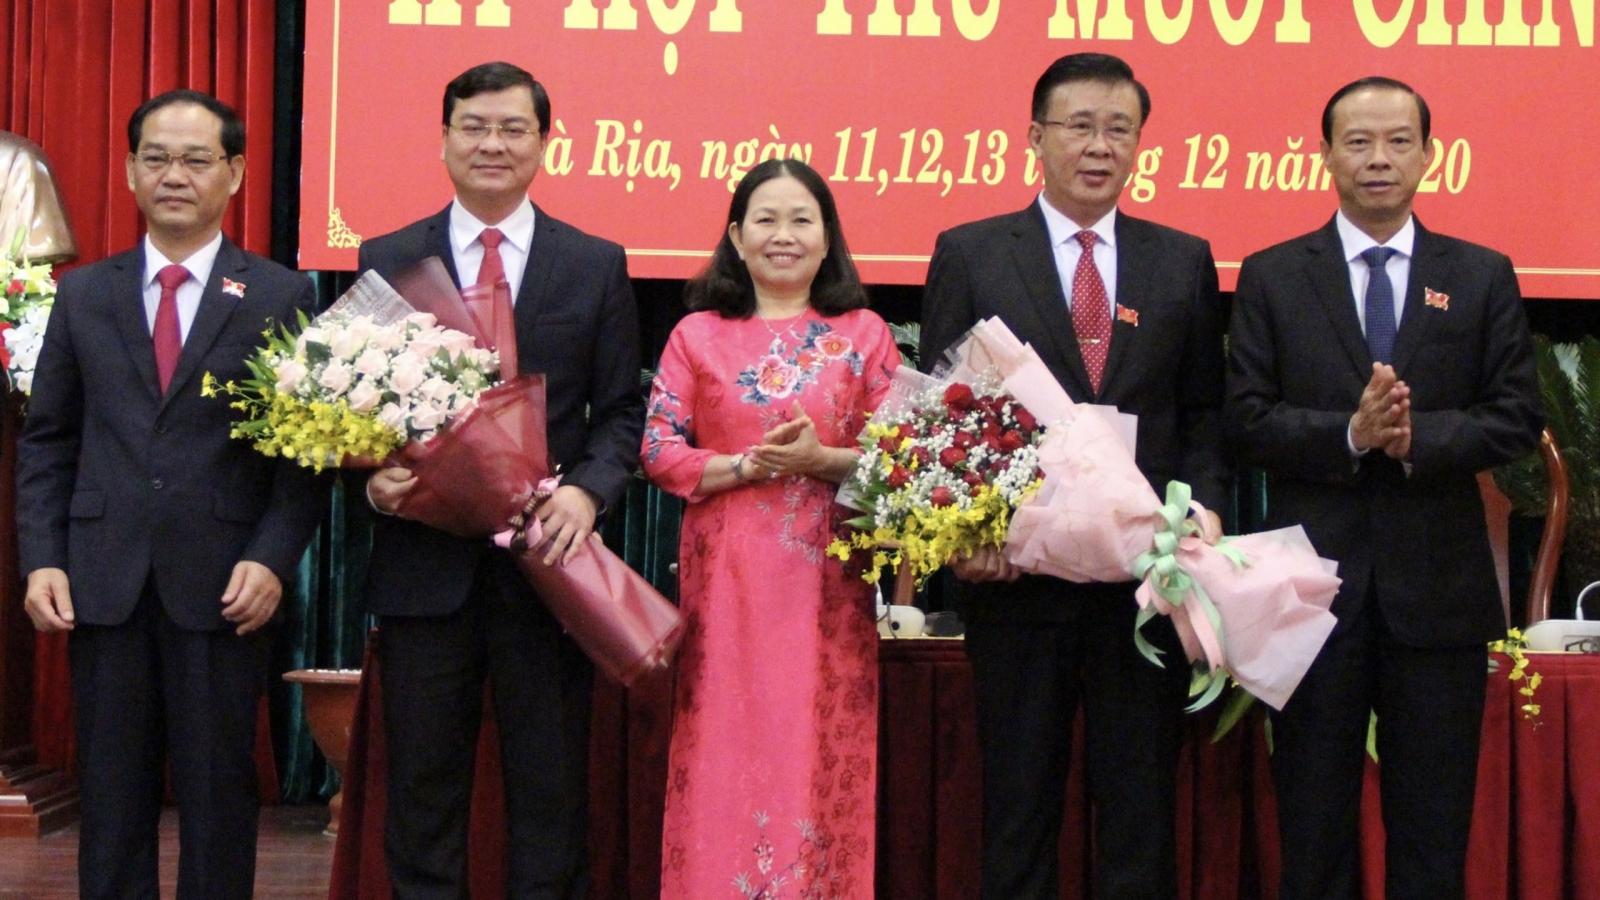 Bà Rịa – Vũng Tàu thi tuyển 13 lãnh đạo diện Ban Thường vụ Tỉnh uỷ quản lý